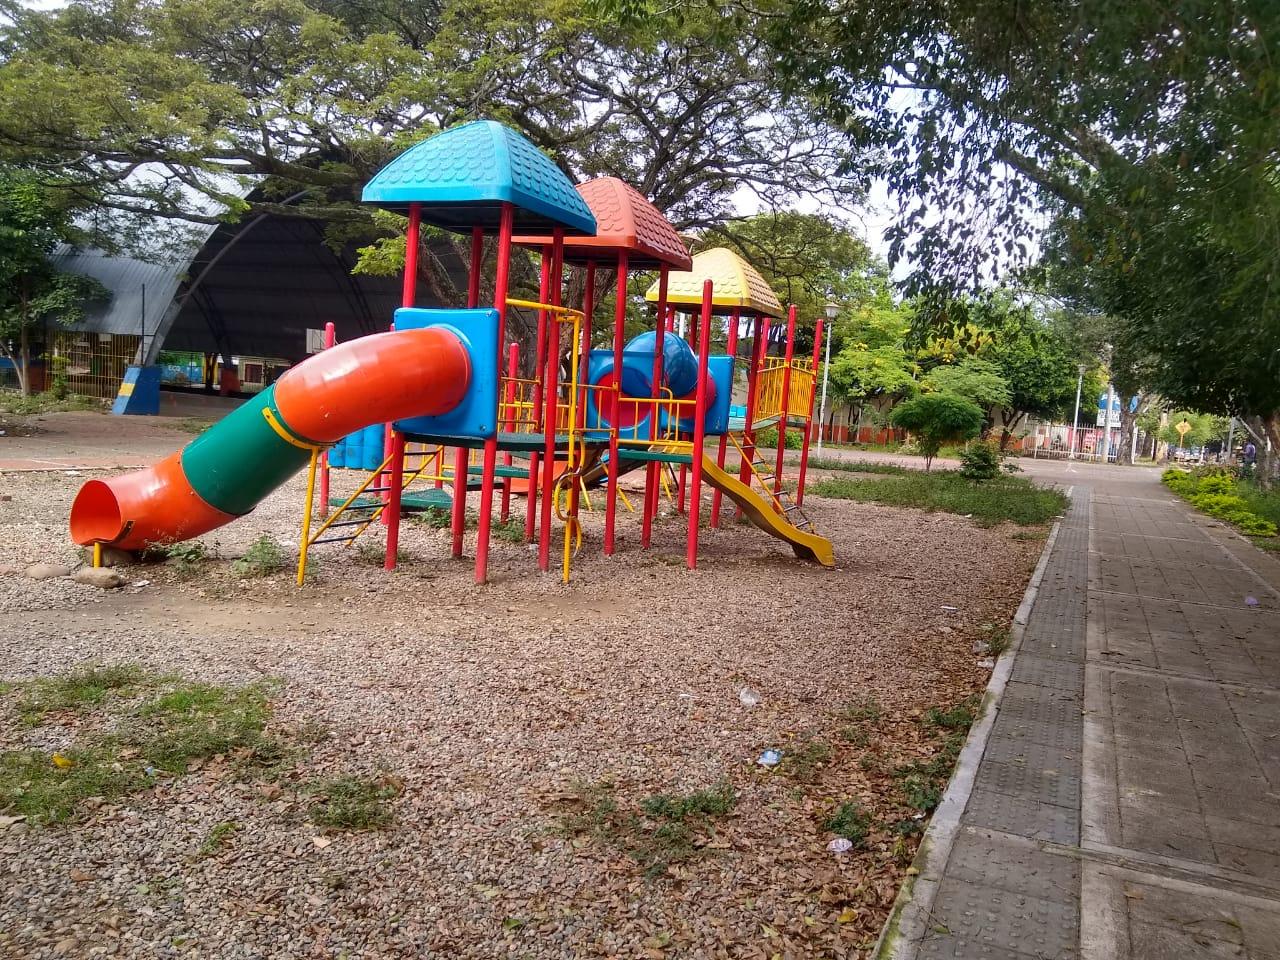 Que les arreglen el parque, solicitan en El Limonar